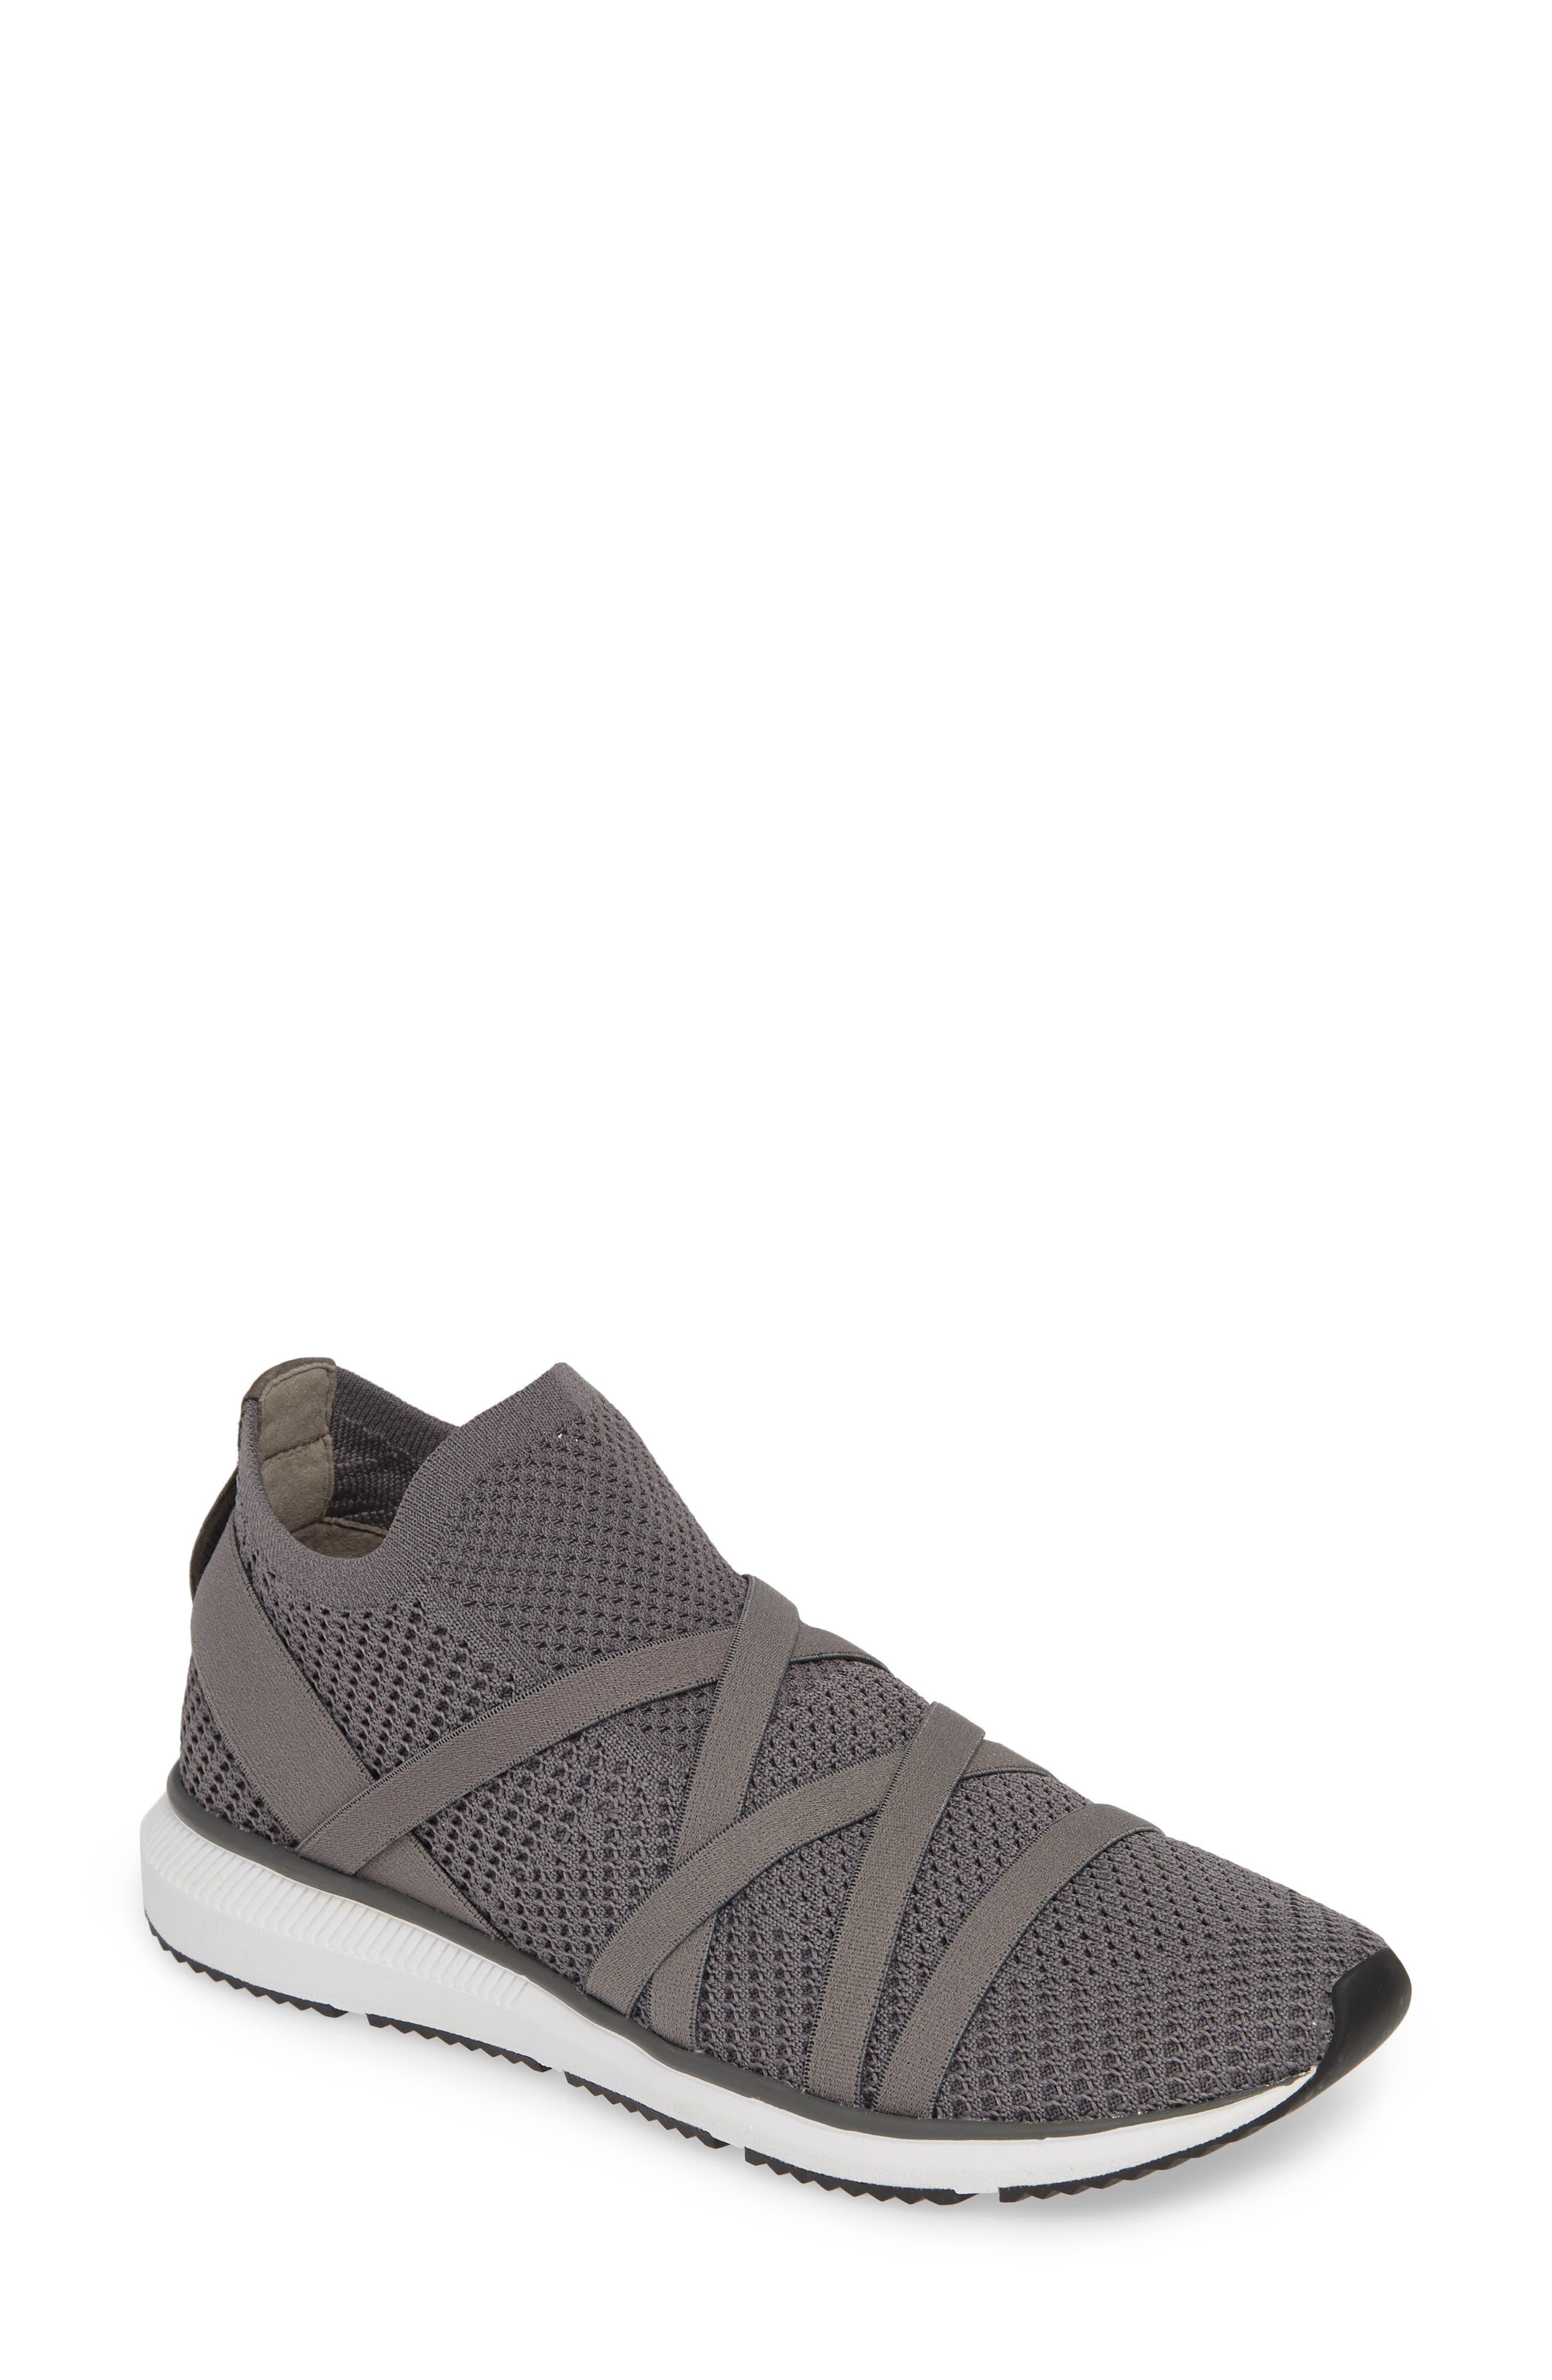 Eileen Fisher Xanady Woven Slip-On Sneaker- Grey